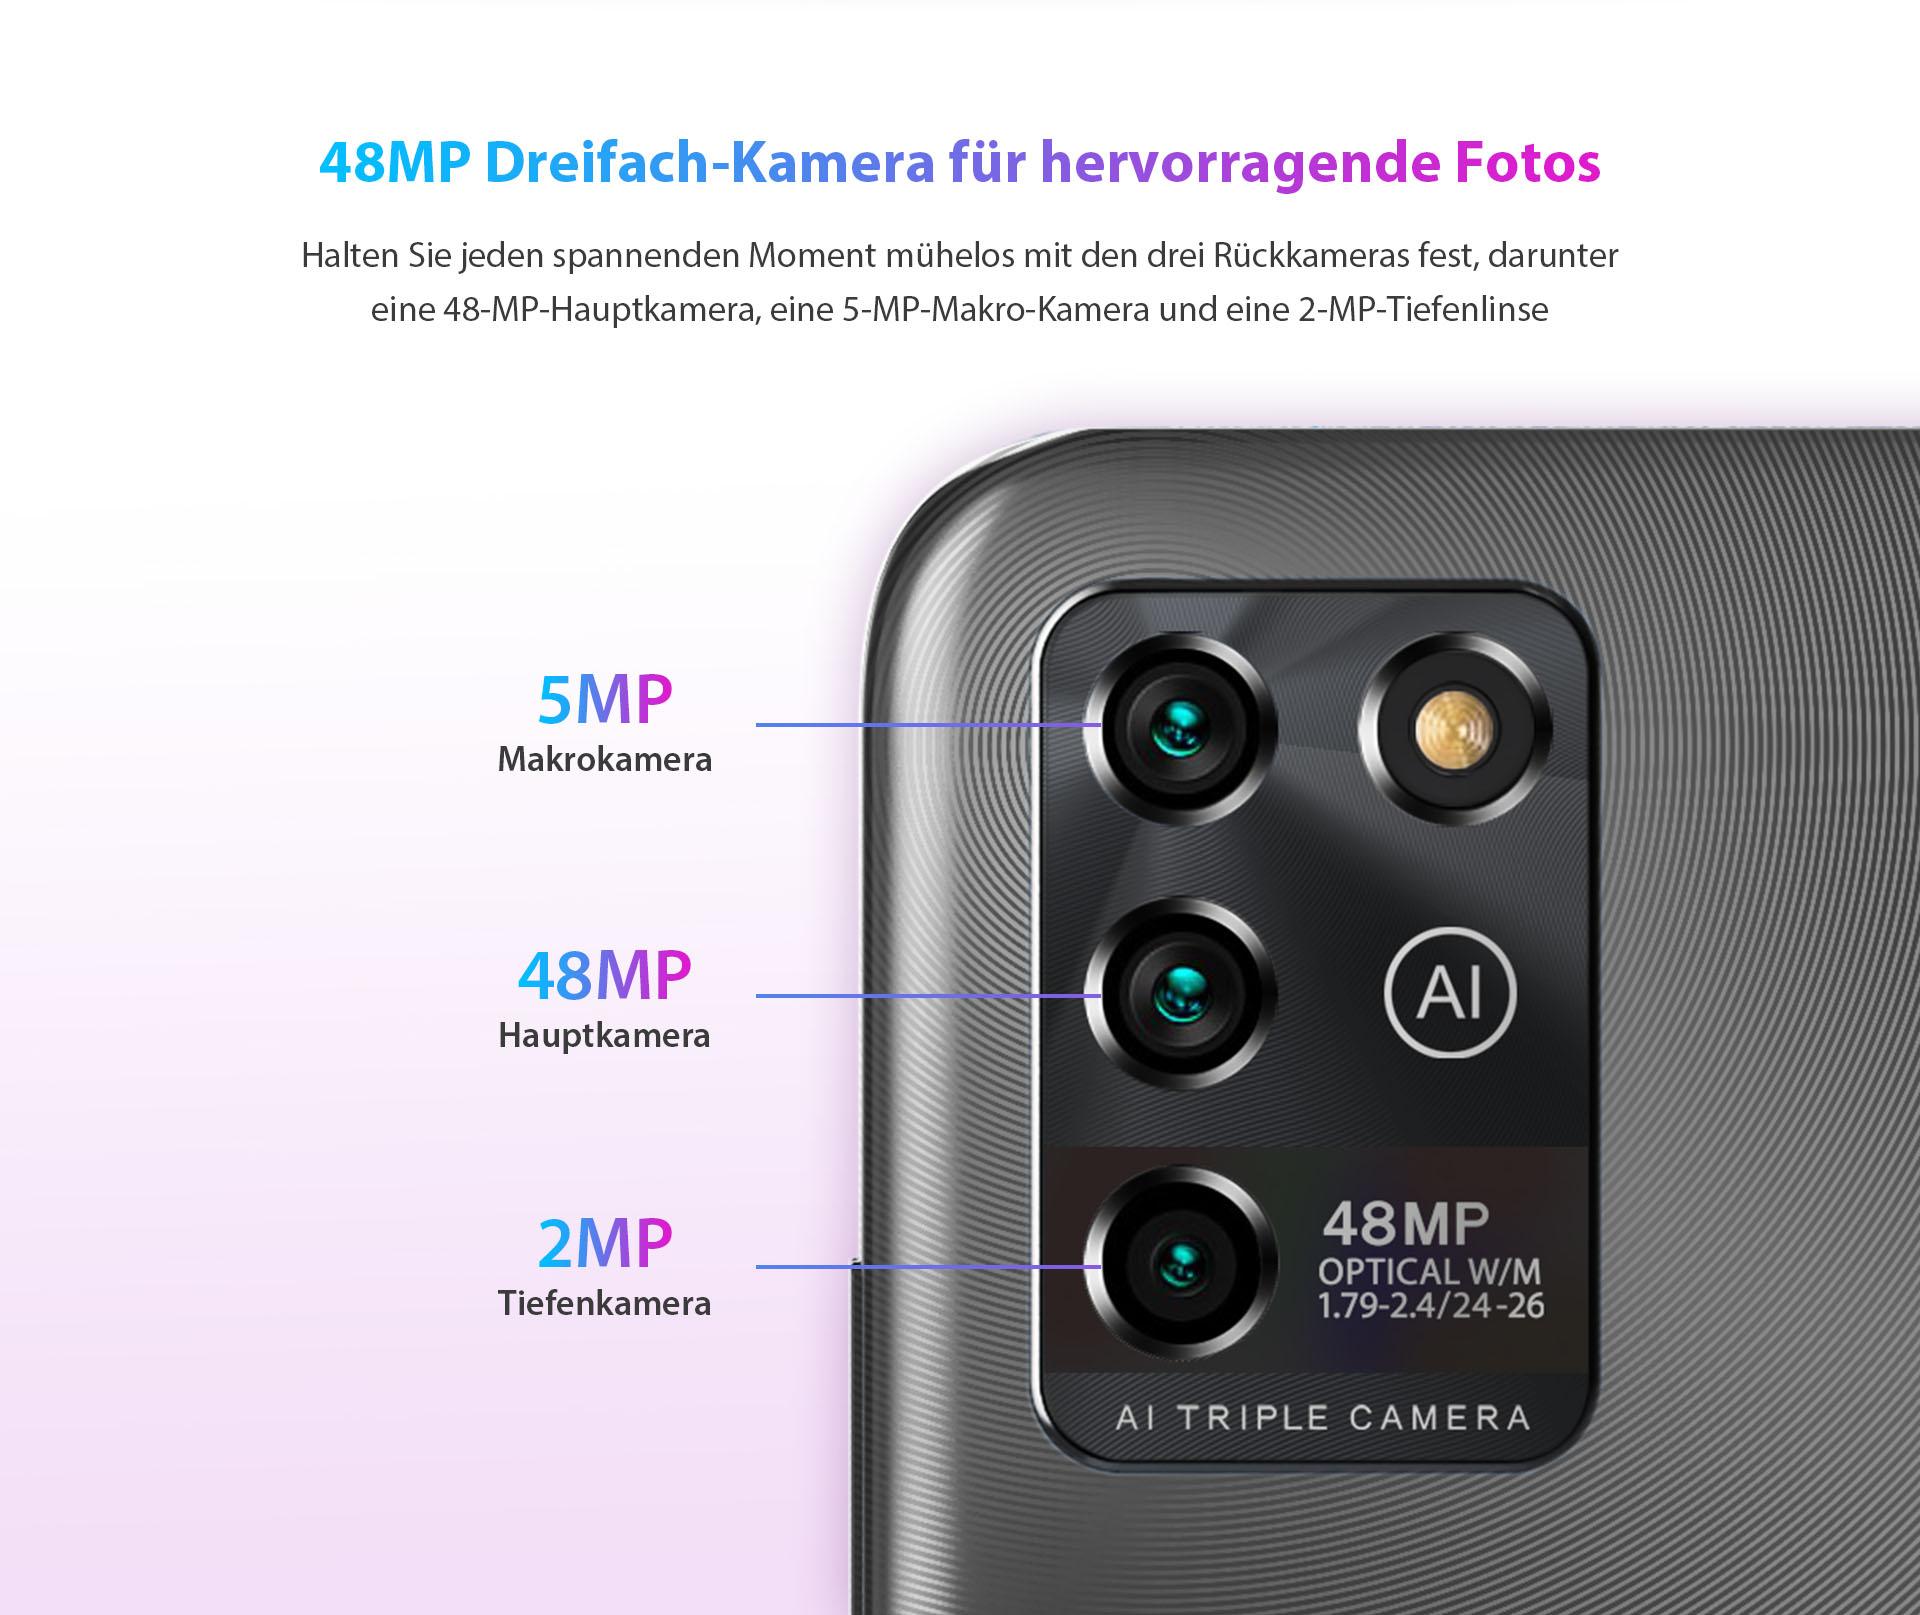 ZTE V30 Vita mit 48 MP Triple-Kamera für hervorrangede Fotos - Halten Sie jeden spannenden Moment mühelos mit den drei Rückkameras fest, darunter eine 48-MP-Hauptkamera, eine 5-MP-Makro-Kamera und eine 2-MP-Tiefenlinse.